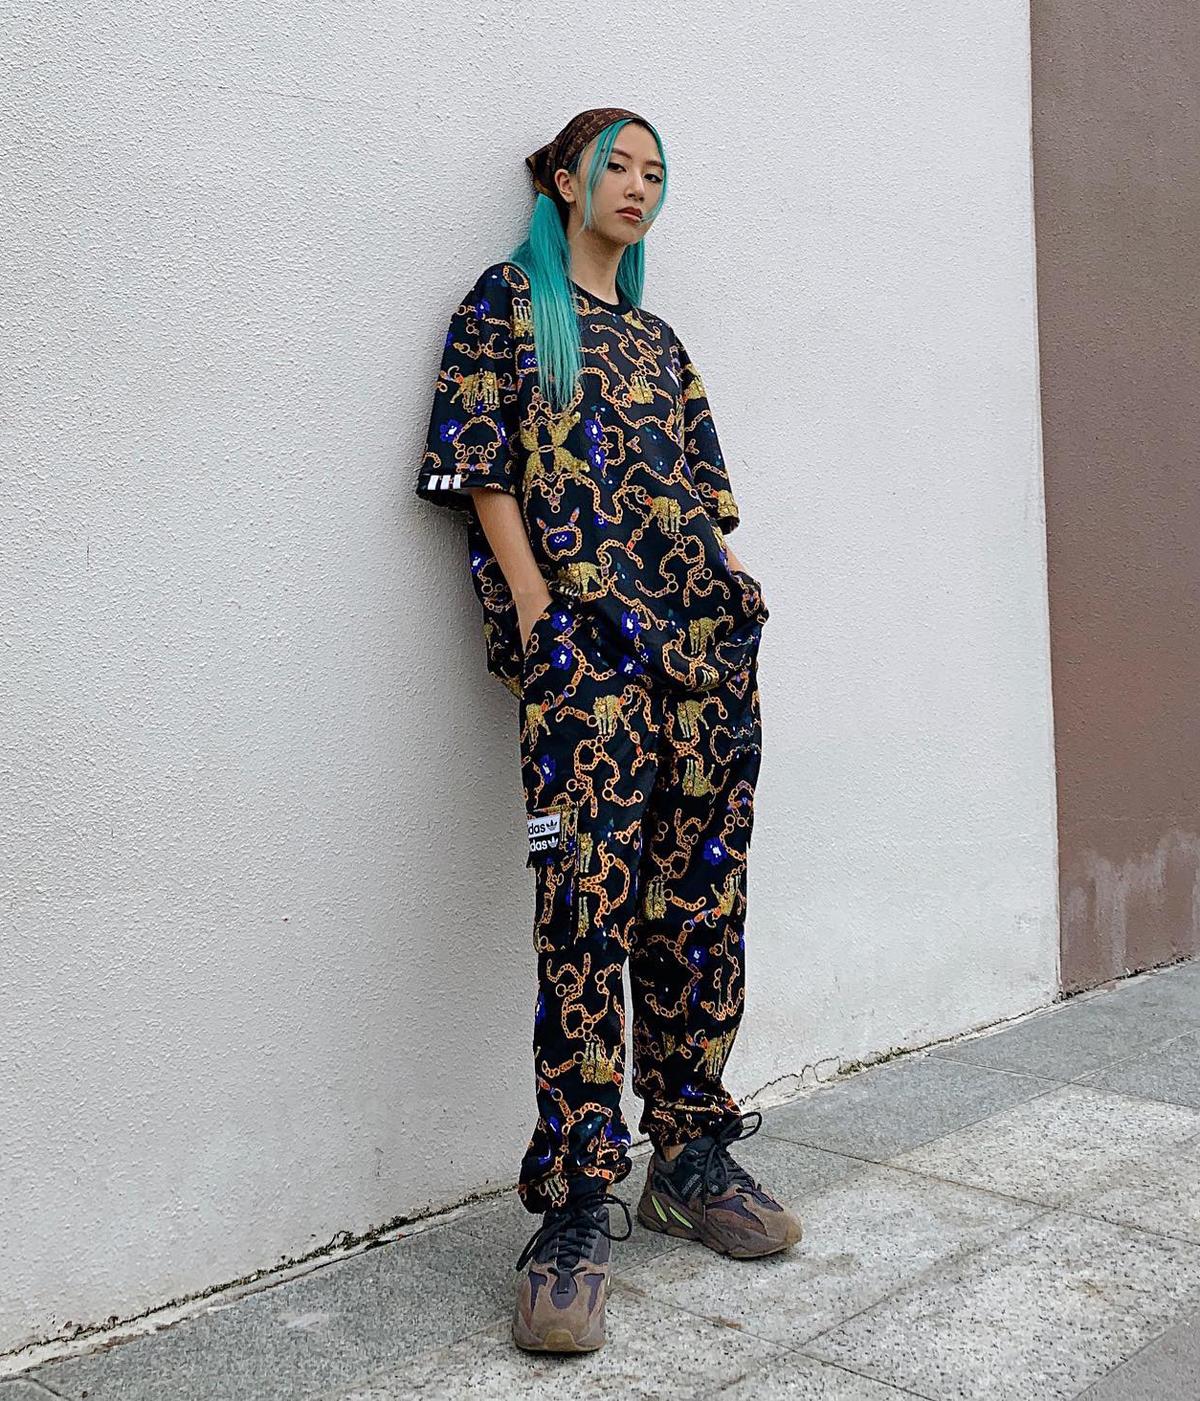 Xuống phố mùa thu, Quỳnh Anh Shyn cool ngầu với cả cây đồ họa tiết của Adidas. Cô nàng tạo điểm nhấn bằng khăn trùm đầu như cướp biển.